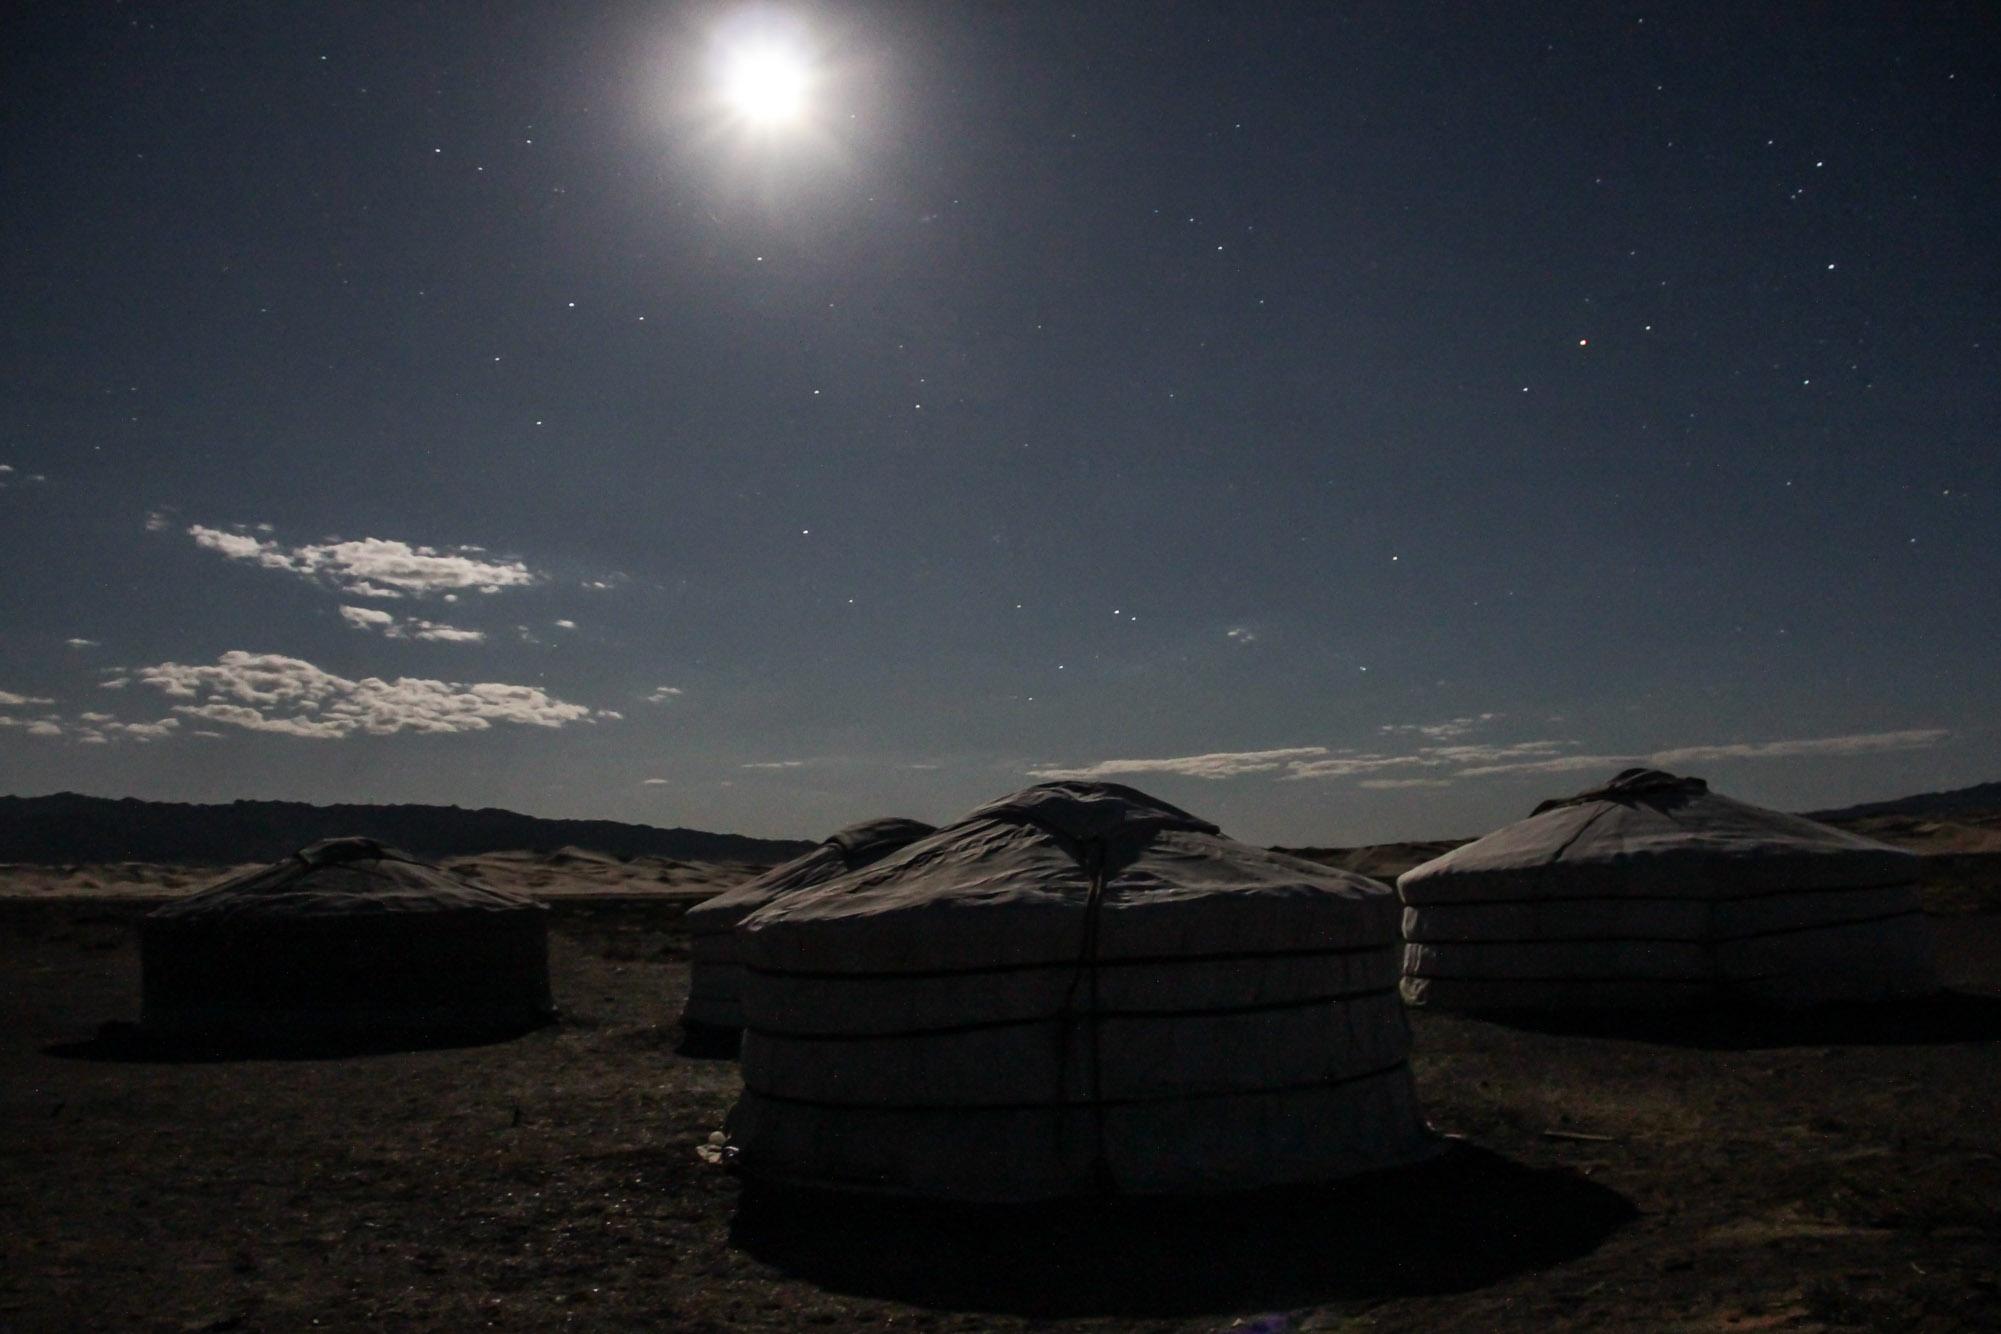 Pleine lune sur les yourtes en Mongolie